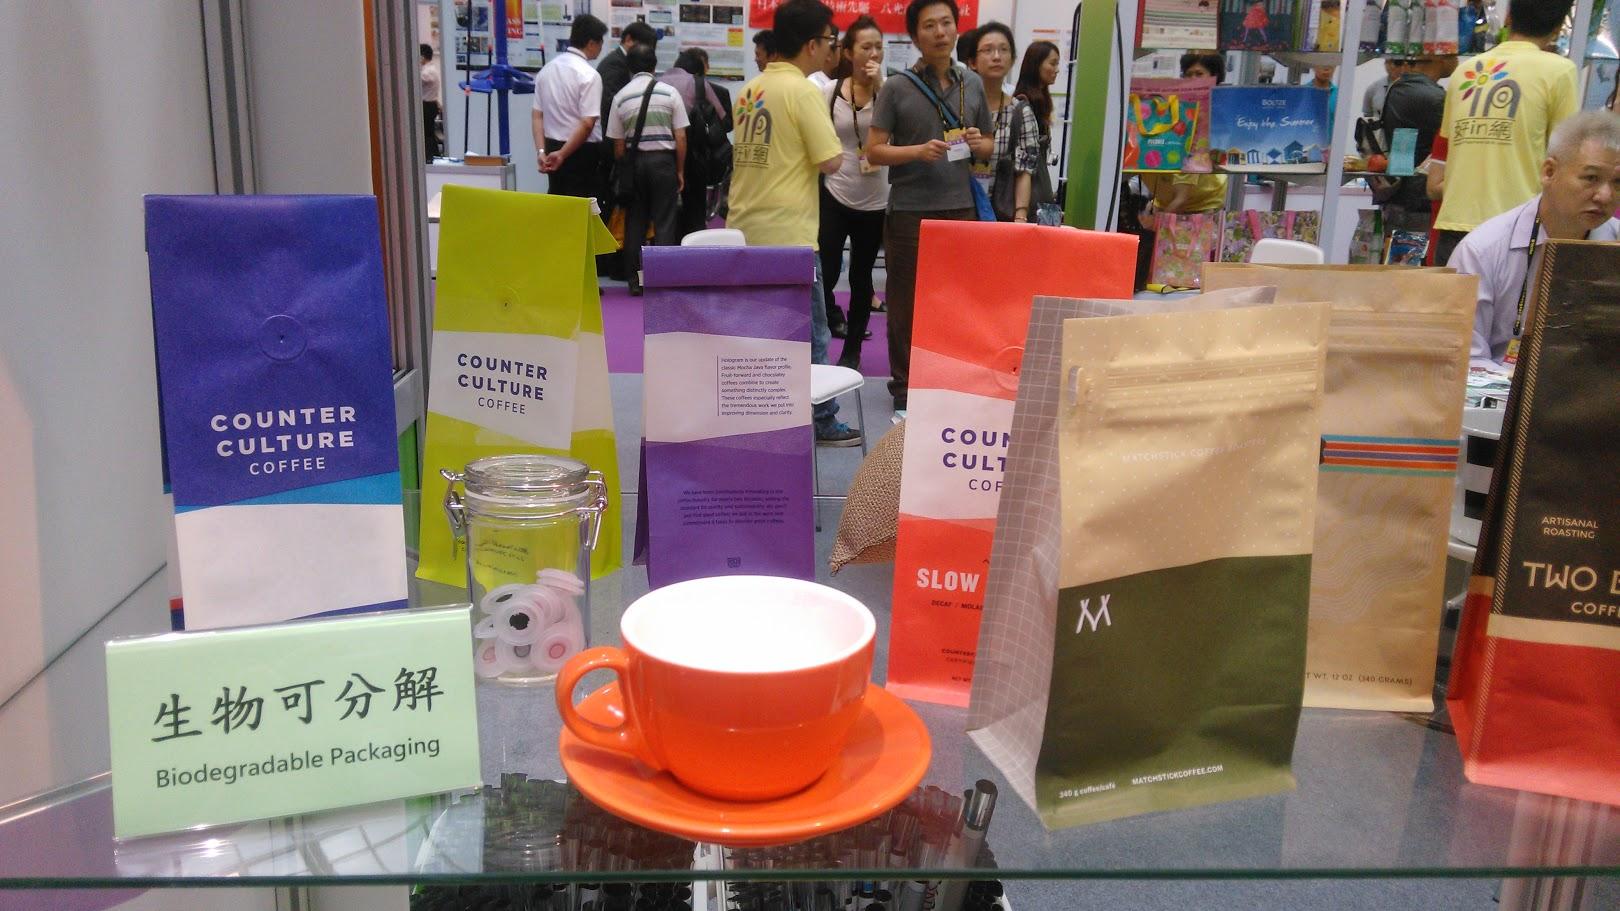 食安另一新趨勢:綠色包材